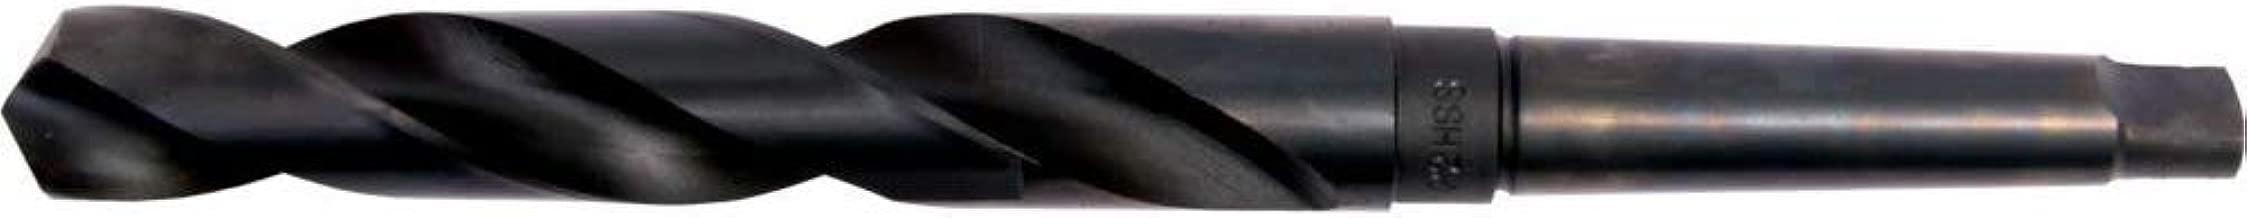 FORMAT 7610581450/HSS-kurz D1897VA 14.50/mm Format